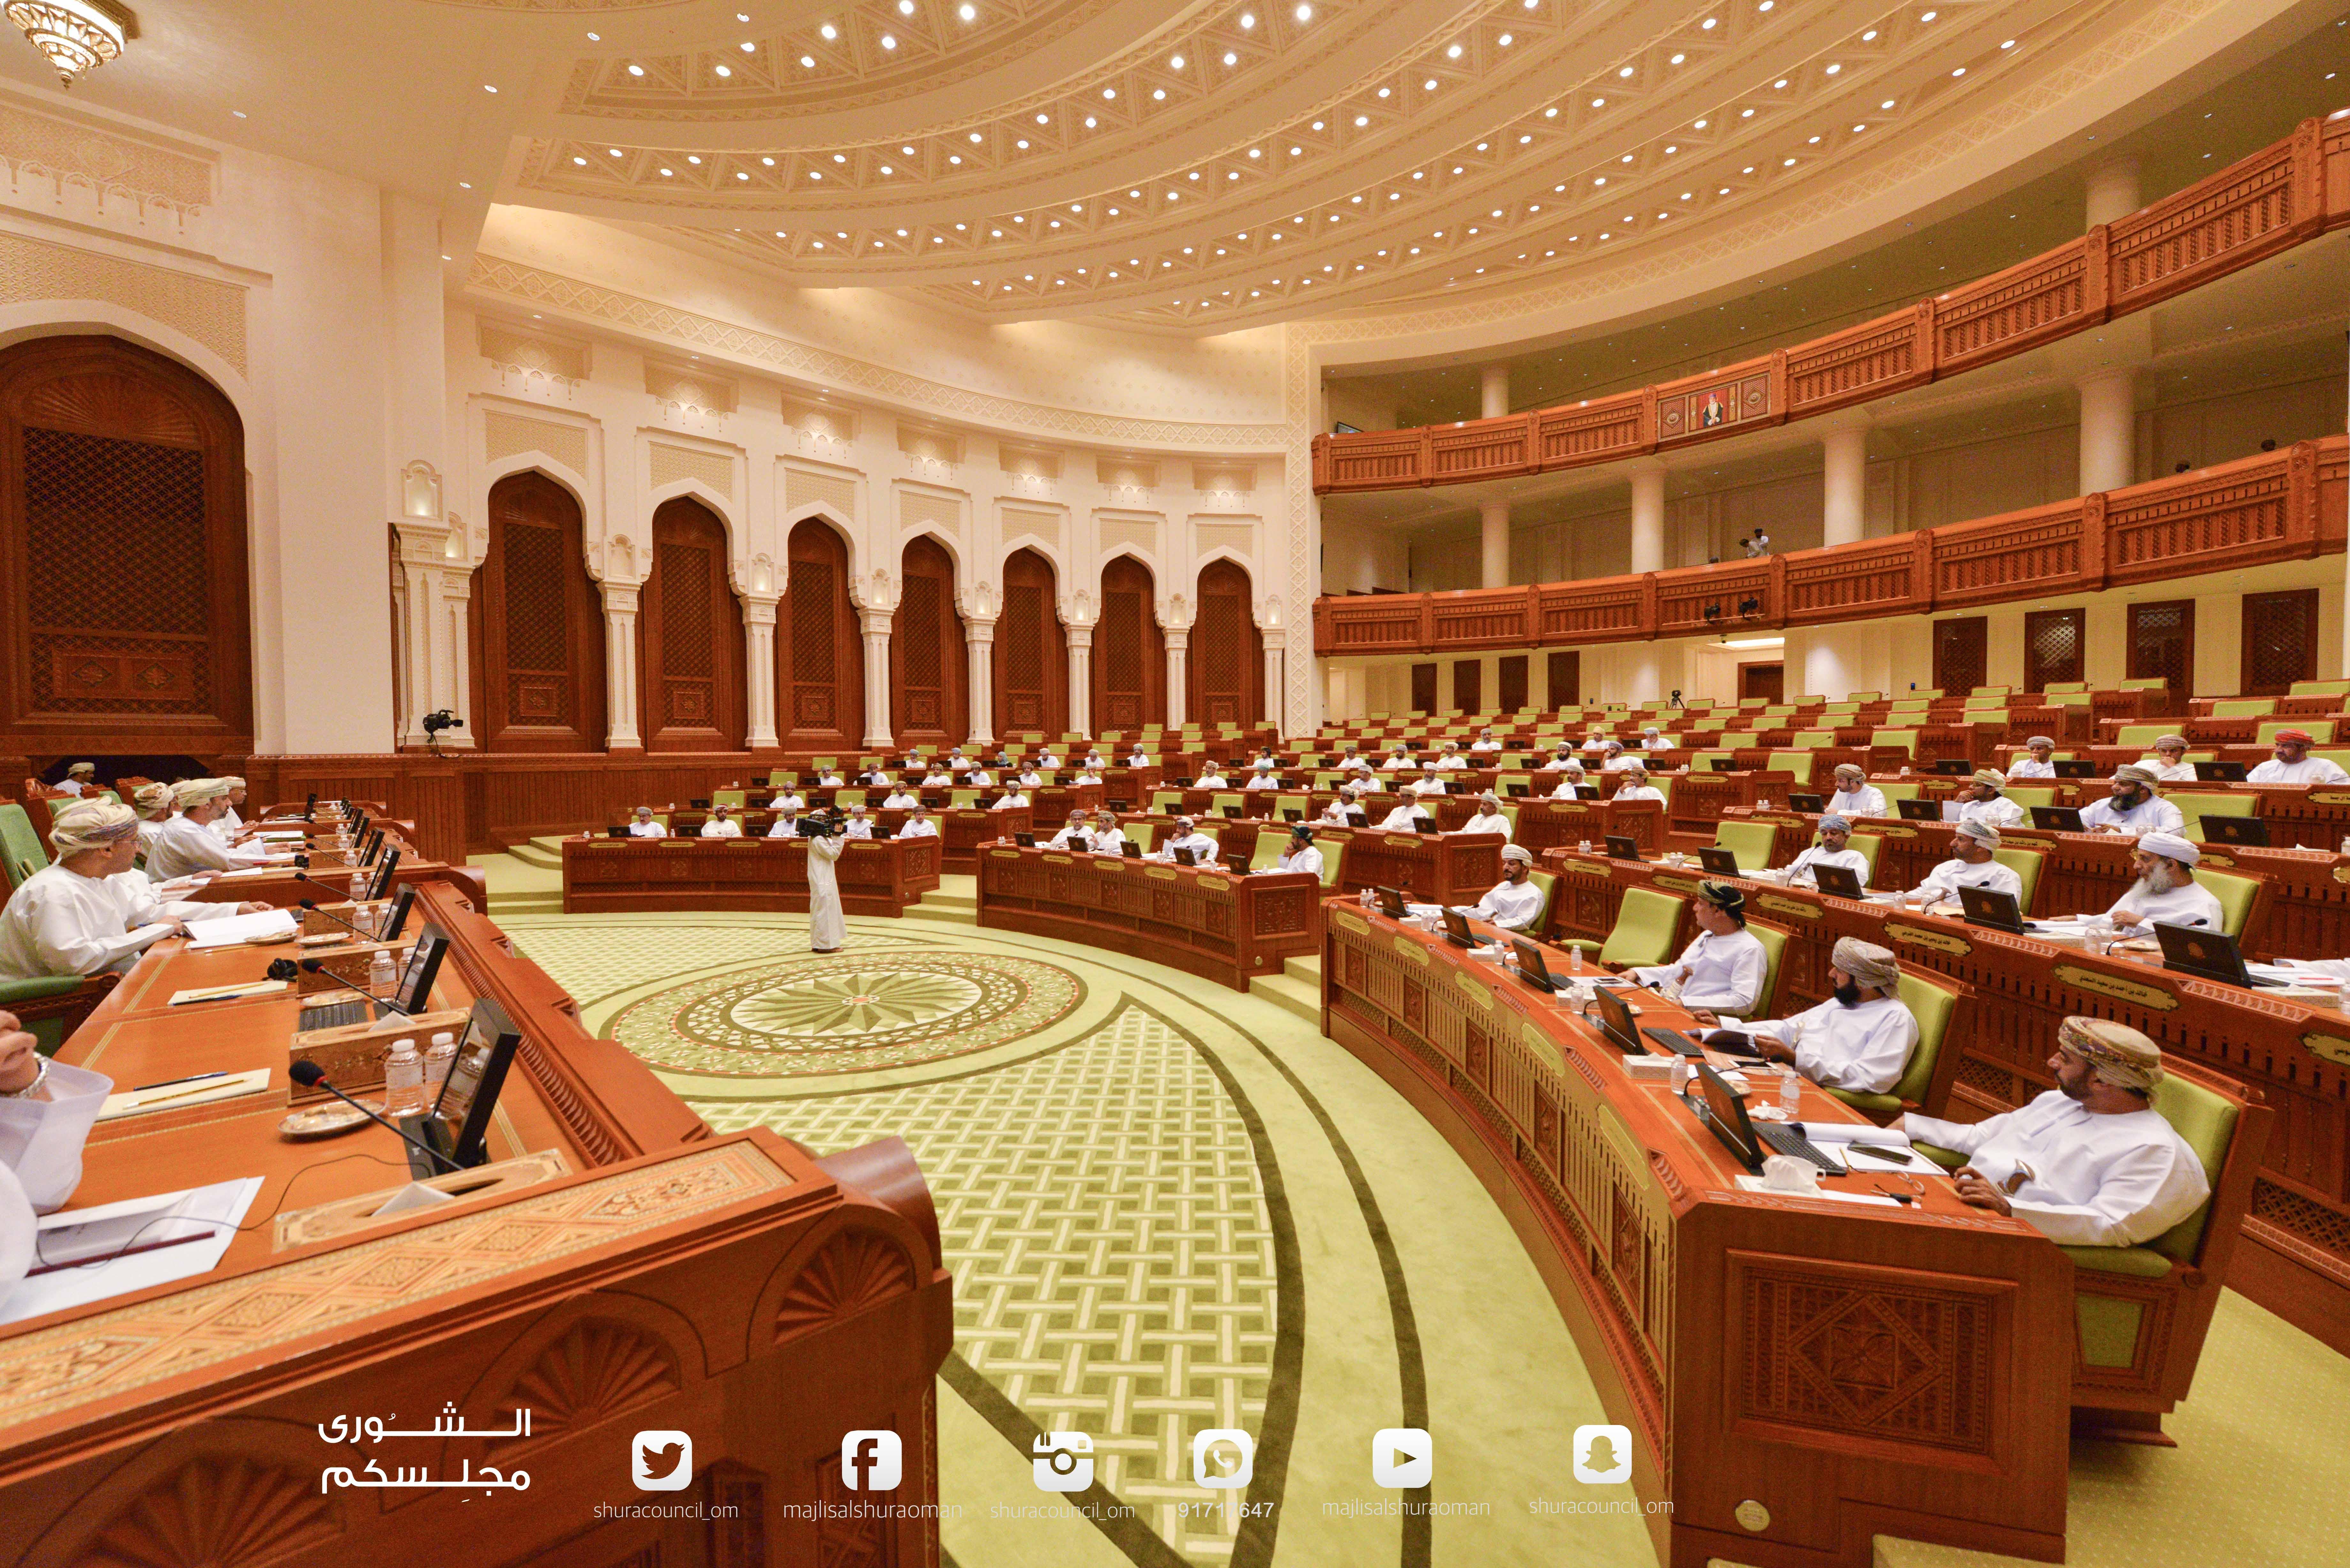 خلال مناقشته لتقرير اللجنة الاقتصادية.. الشورى يدعو للتركيز على ترقيات موظفي القطاع العام